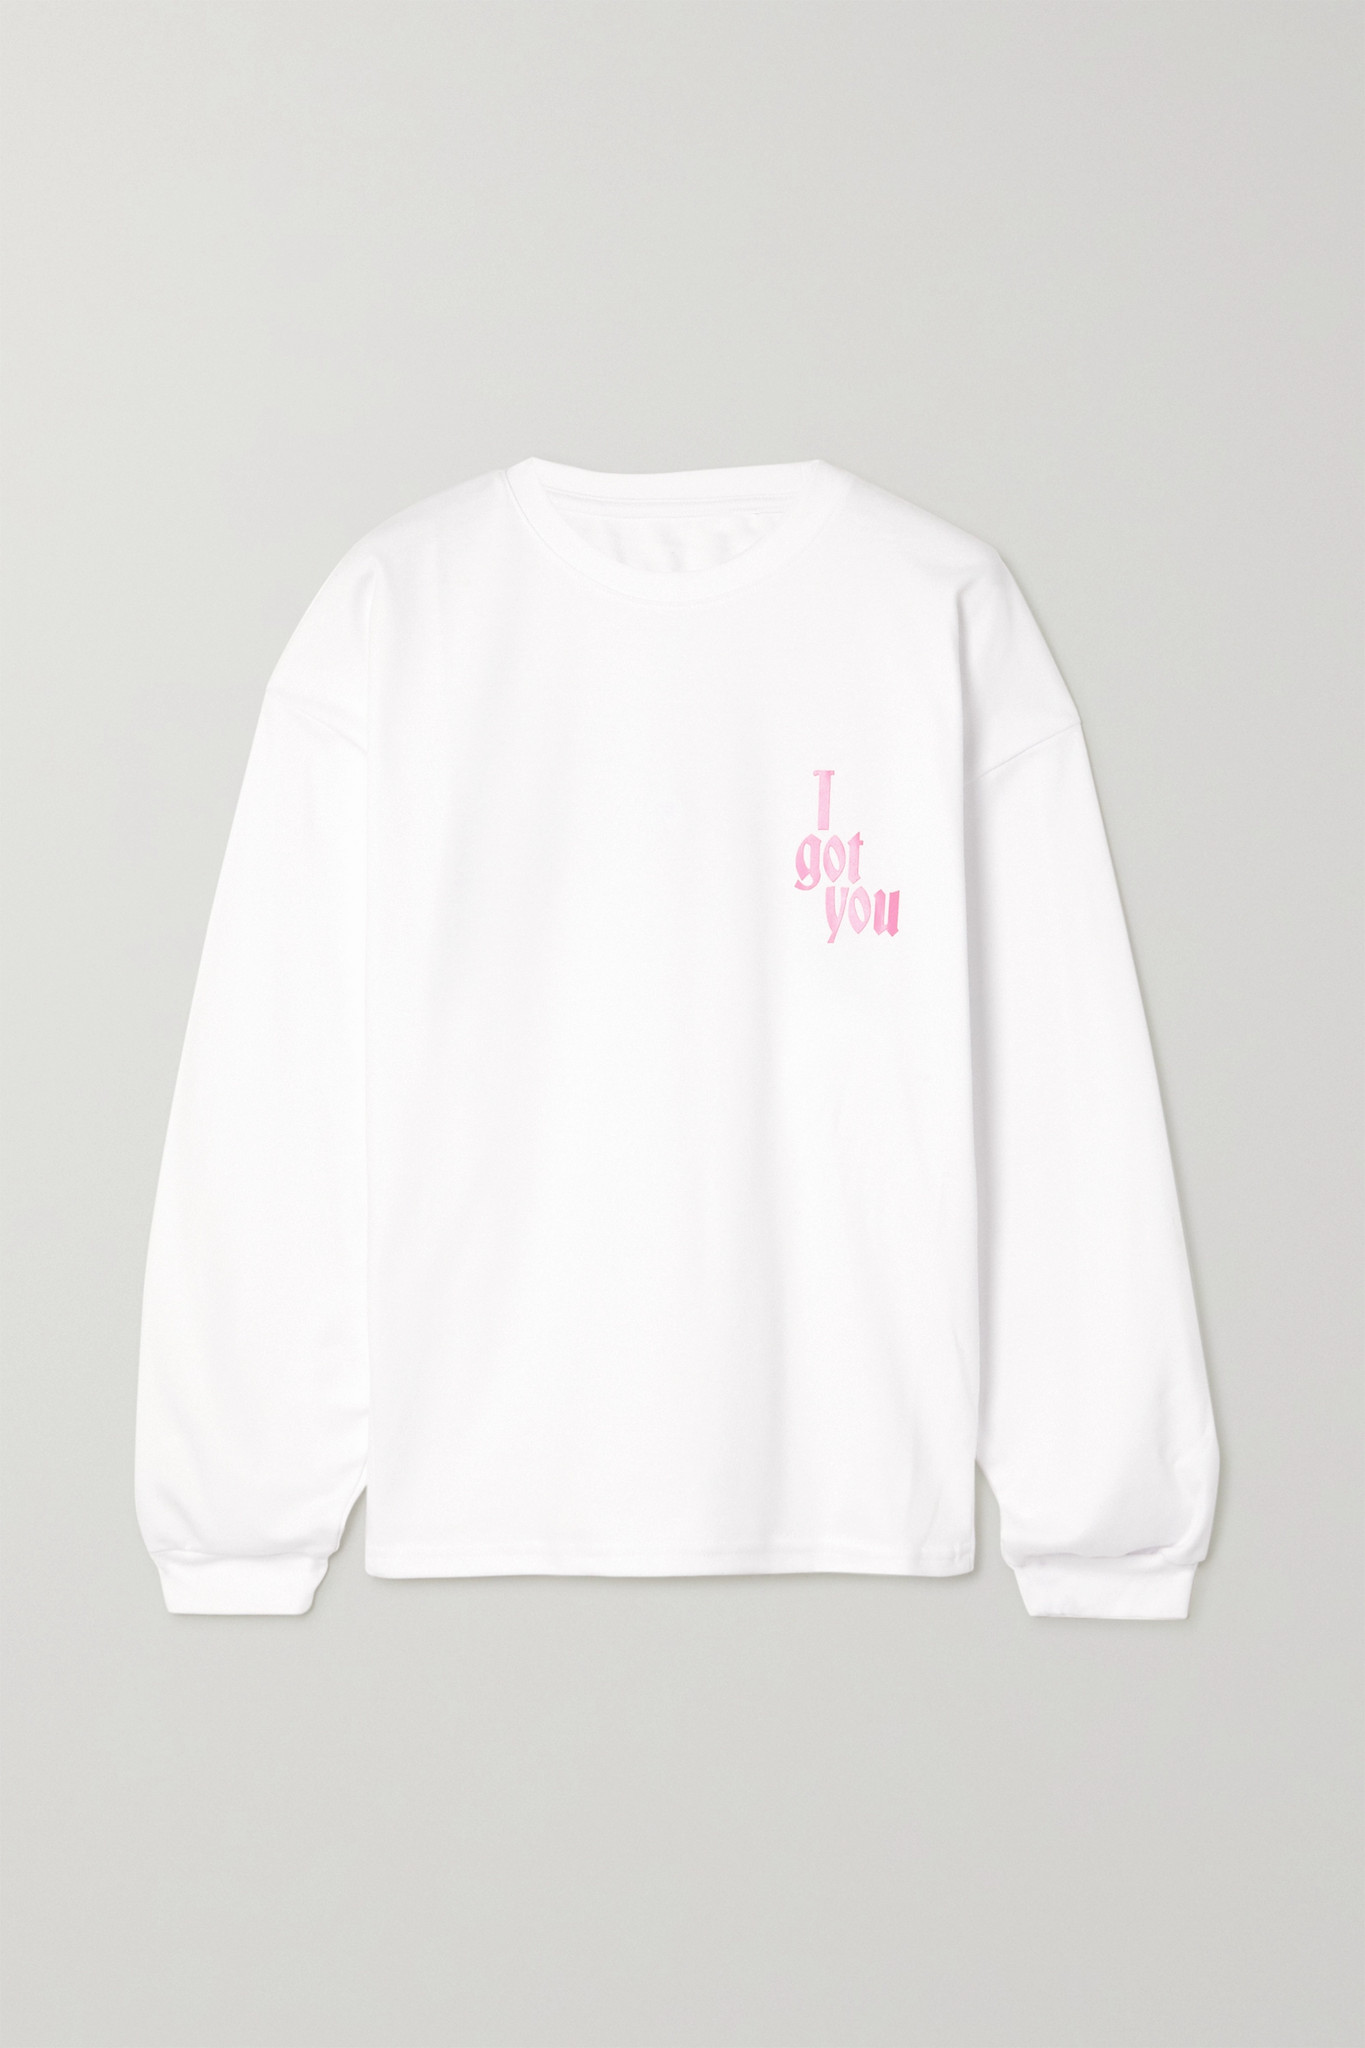 AMINA MUADDI - 【国际妇女节专题系列】印花纯棉平纹布上衣 - 白色 - small